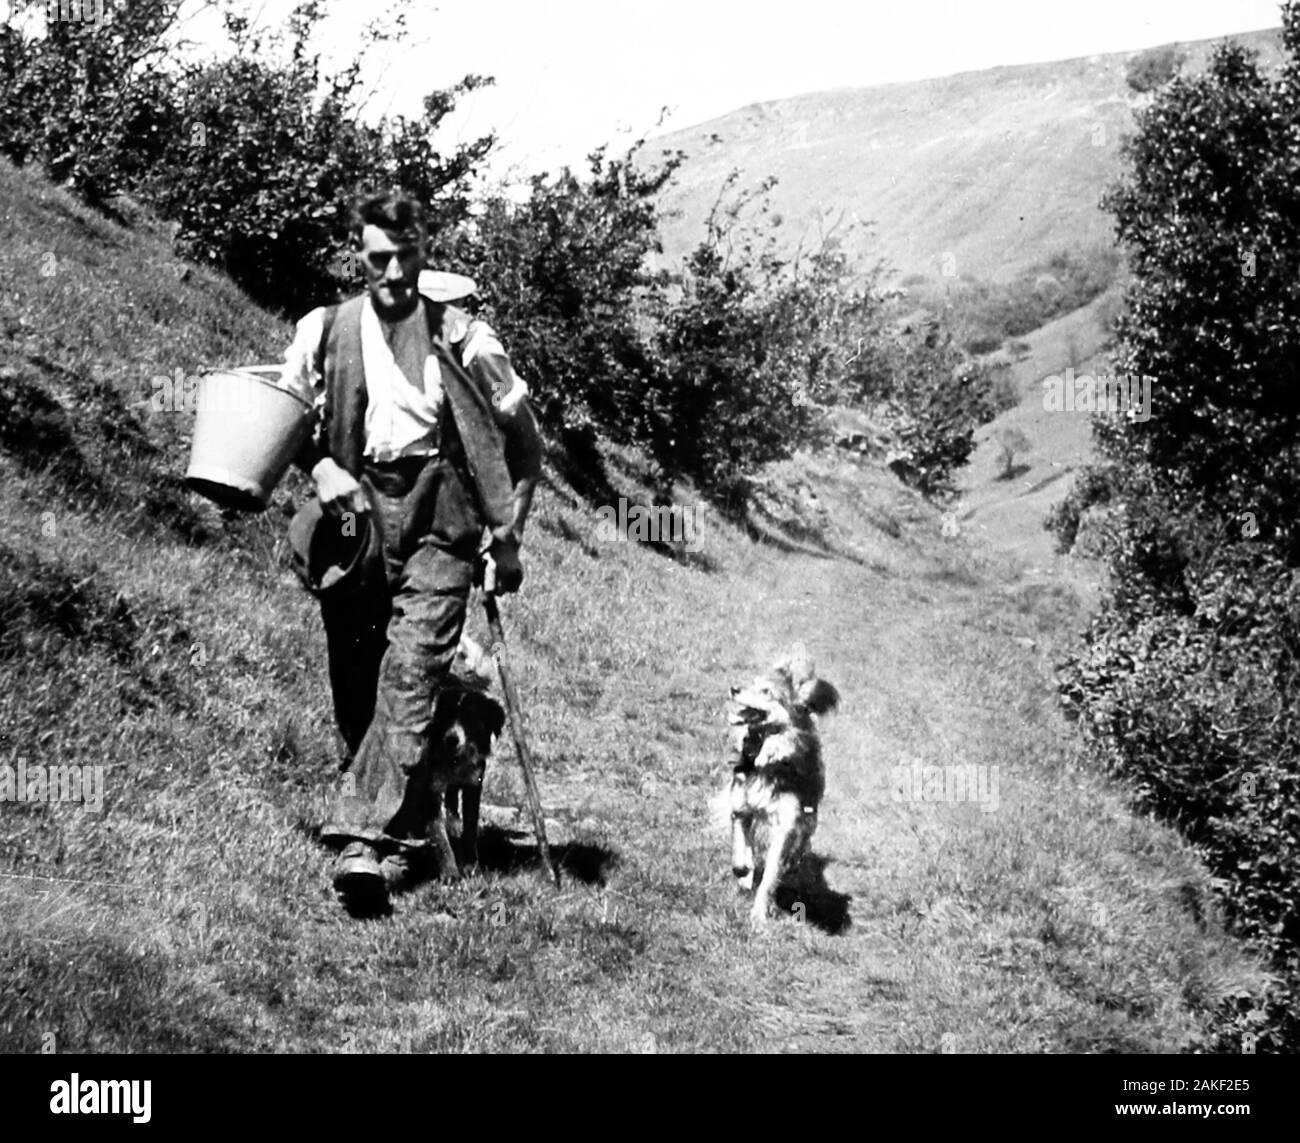 Agriculteur et chien, Swaledale, Yorkshire au 1940/50s Banque D'Images